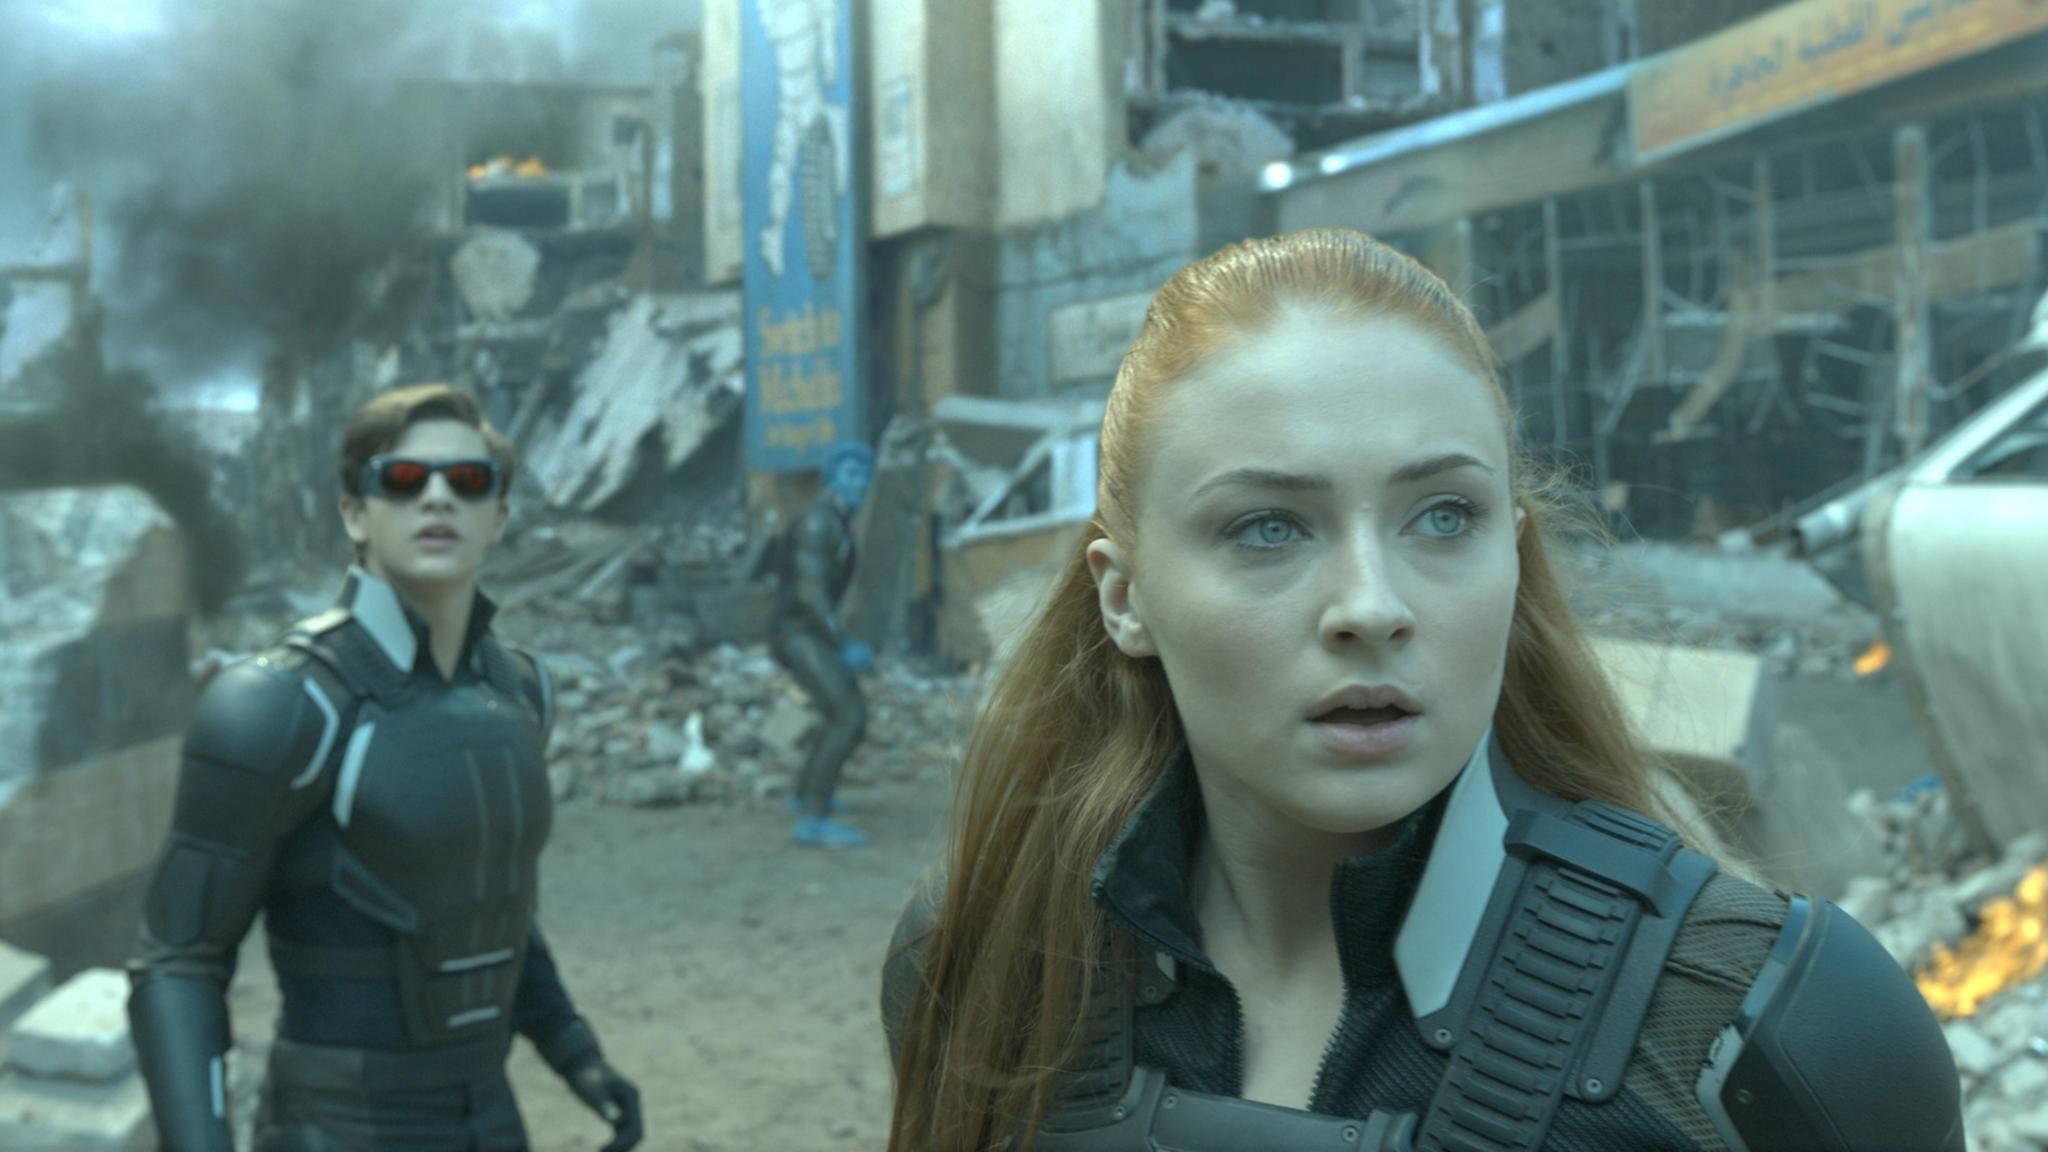 """Was denn nun? Dauern die """"X-Men: Dark Phoenix""""-Nachdrehs jetzt drei Monate oder nur zweieinhalb Wochen?!"""